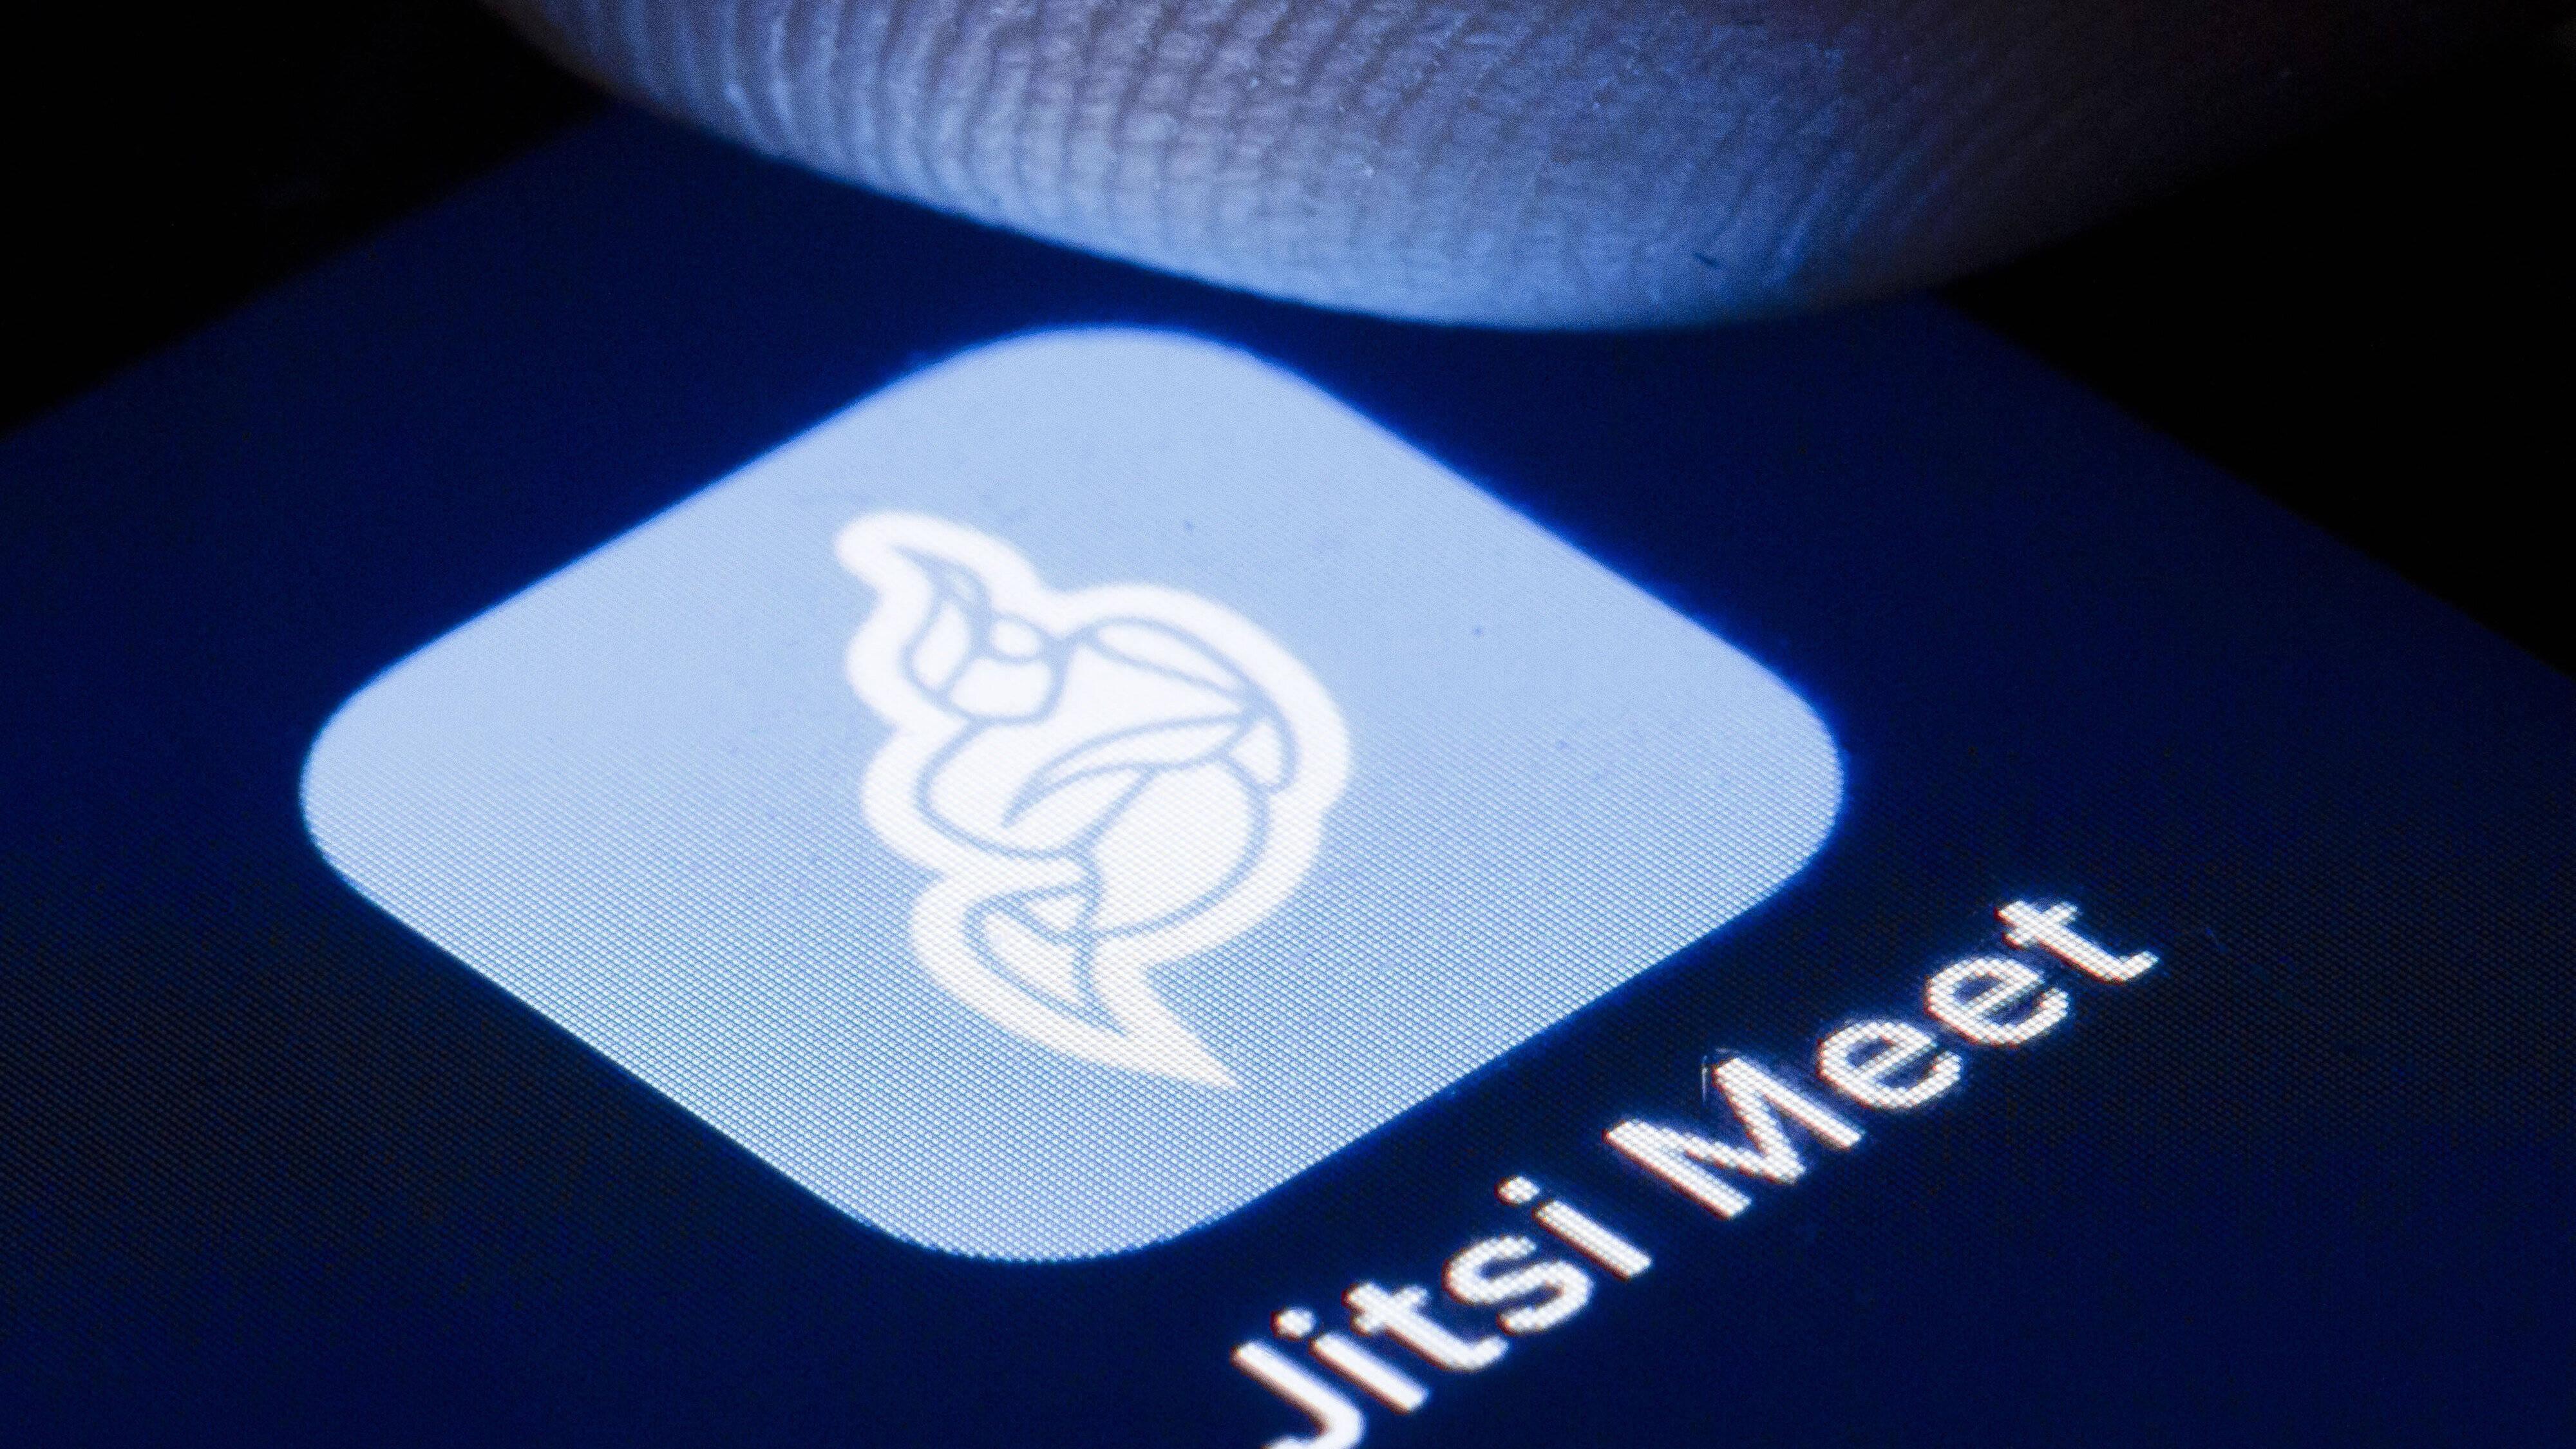 Über Jitsi Meet lassen sich kostenlose Meetings per Video- und Audio erstellen.